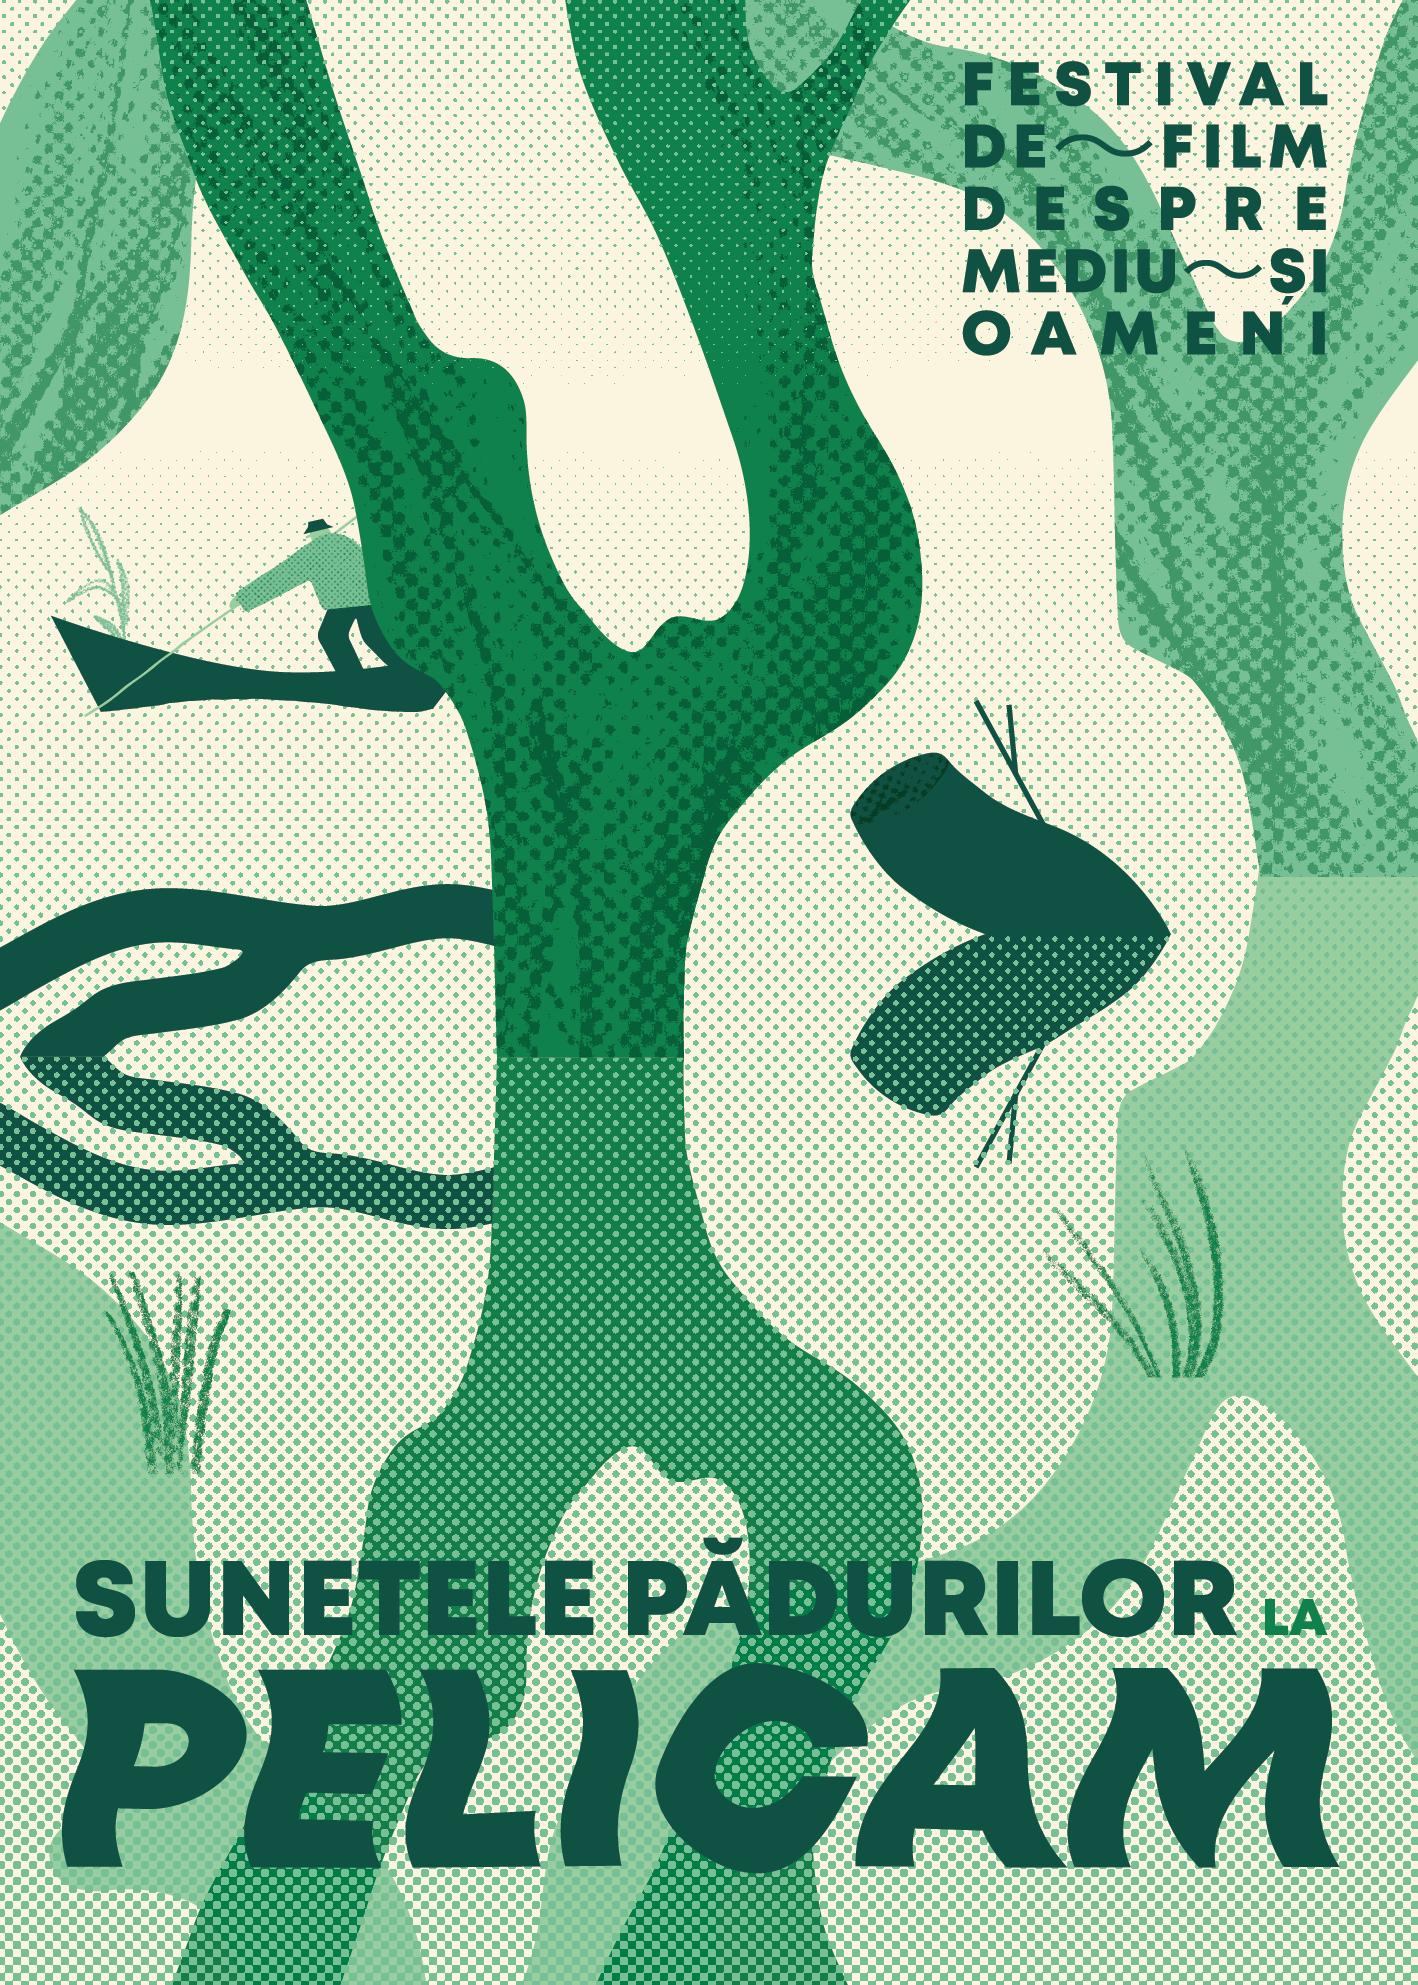 Pelicam și Greenpeace România lansează Sunetele Pădurilor: Pădurea nu e un film mut la Tulcea